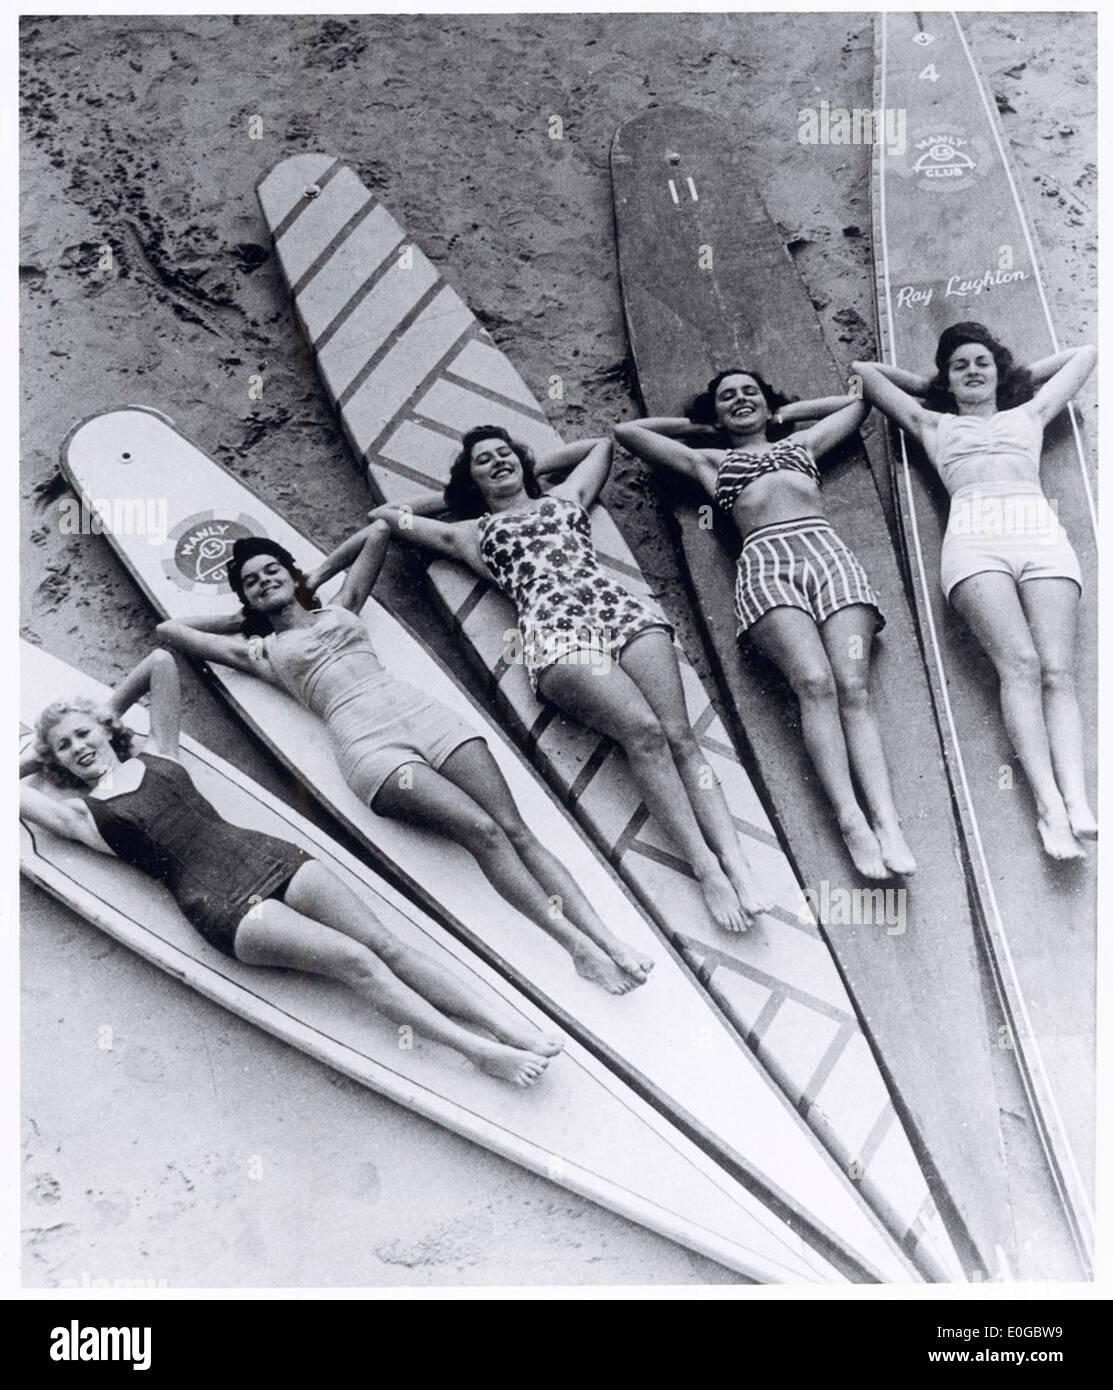 Sirenas de surf, la playa de Manly, New South Wales, 1938-46 Imagen De Stock